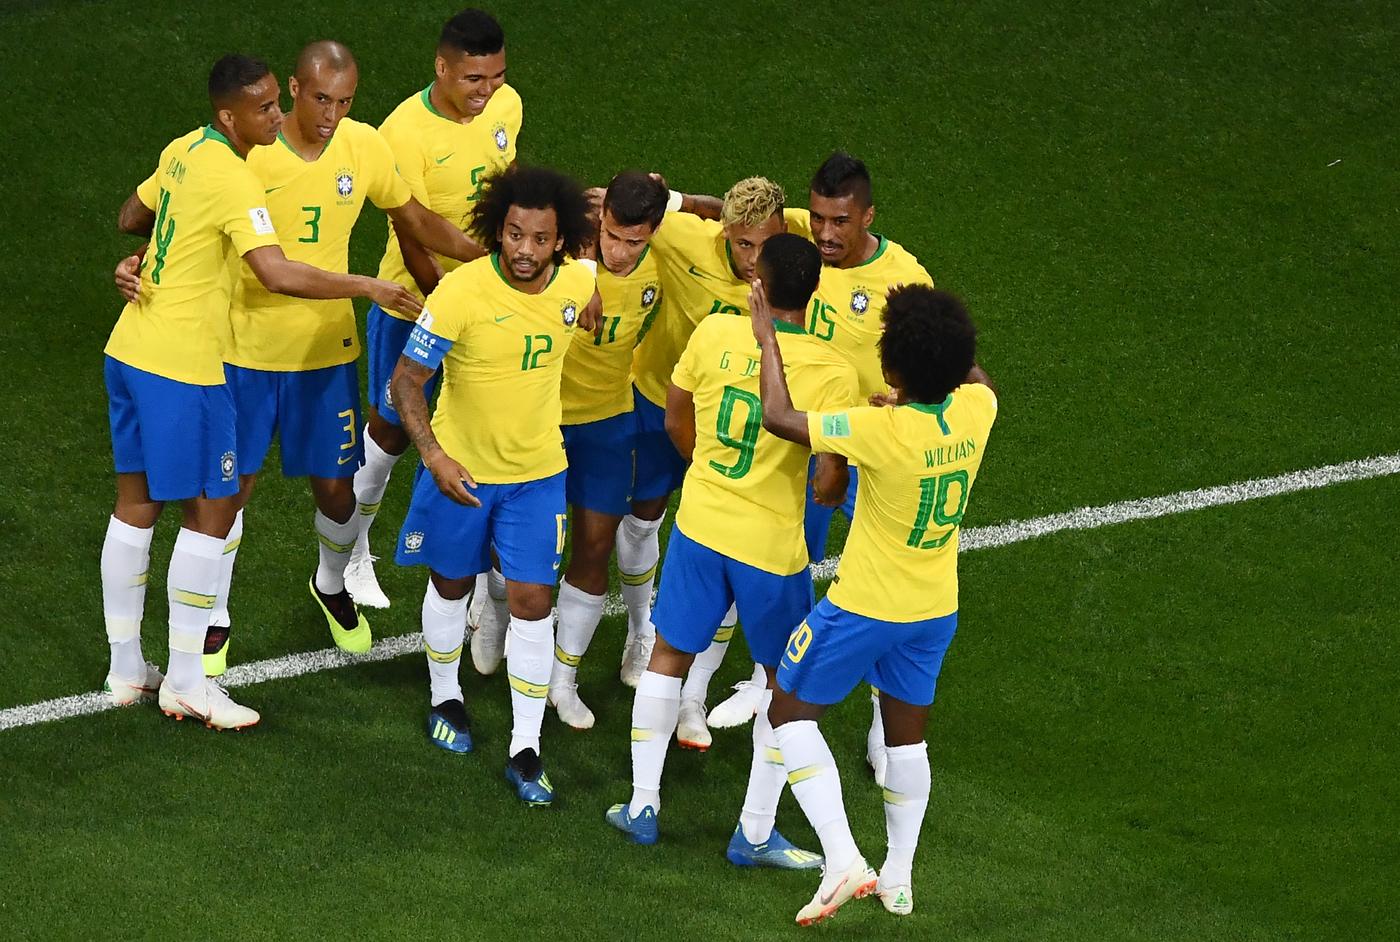 Amichevole, Repubblica Ceca-Brasile martedì 26 marzo: analisi e pronostico della gara amichevole tra la selezione europea e quella sudamericana